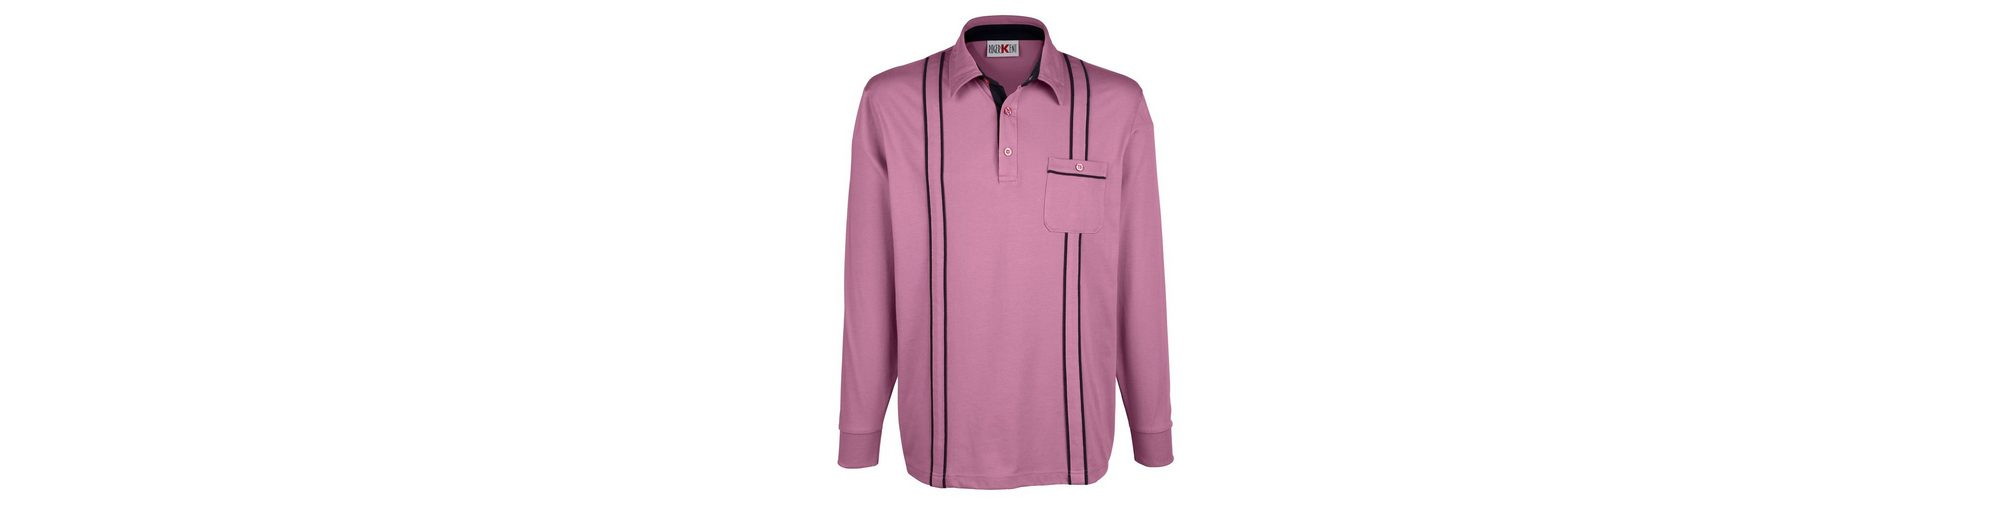 Erschwinglich Reduzierter Preis Roger Kent Poloshirt in bügelleichter Qualität JI0GzK2